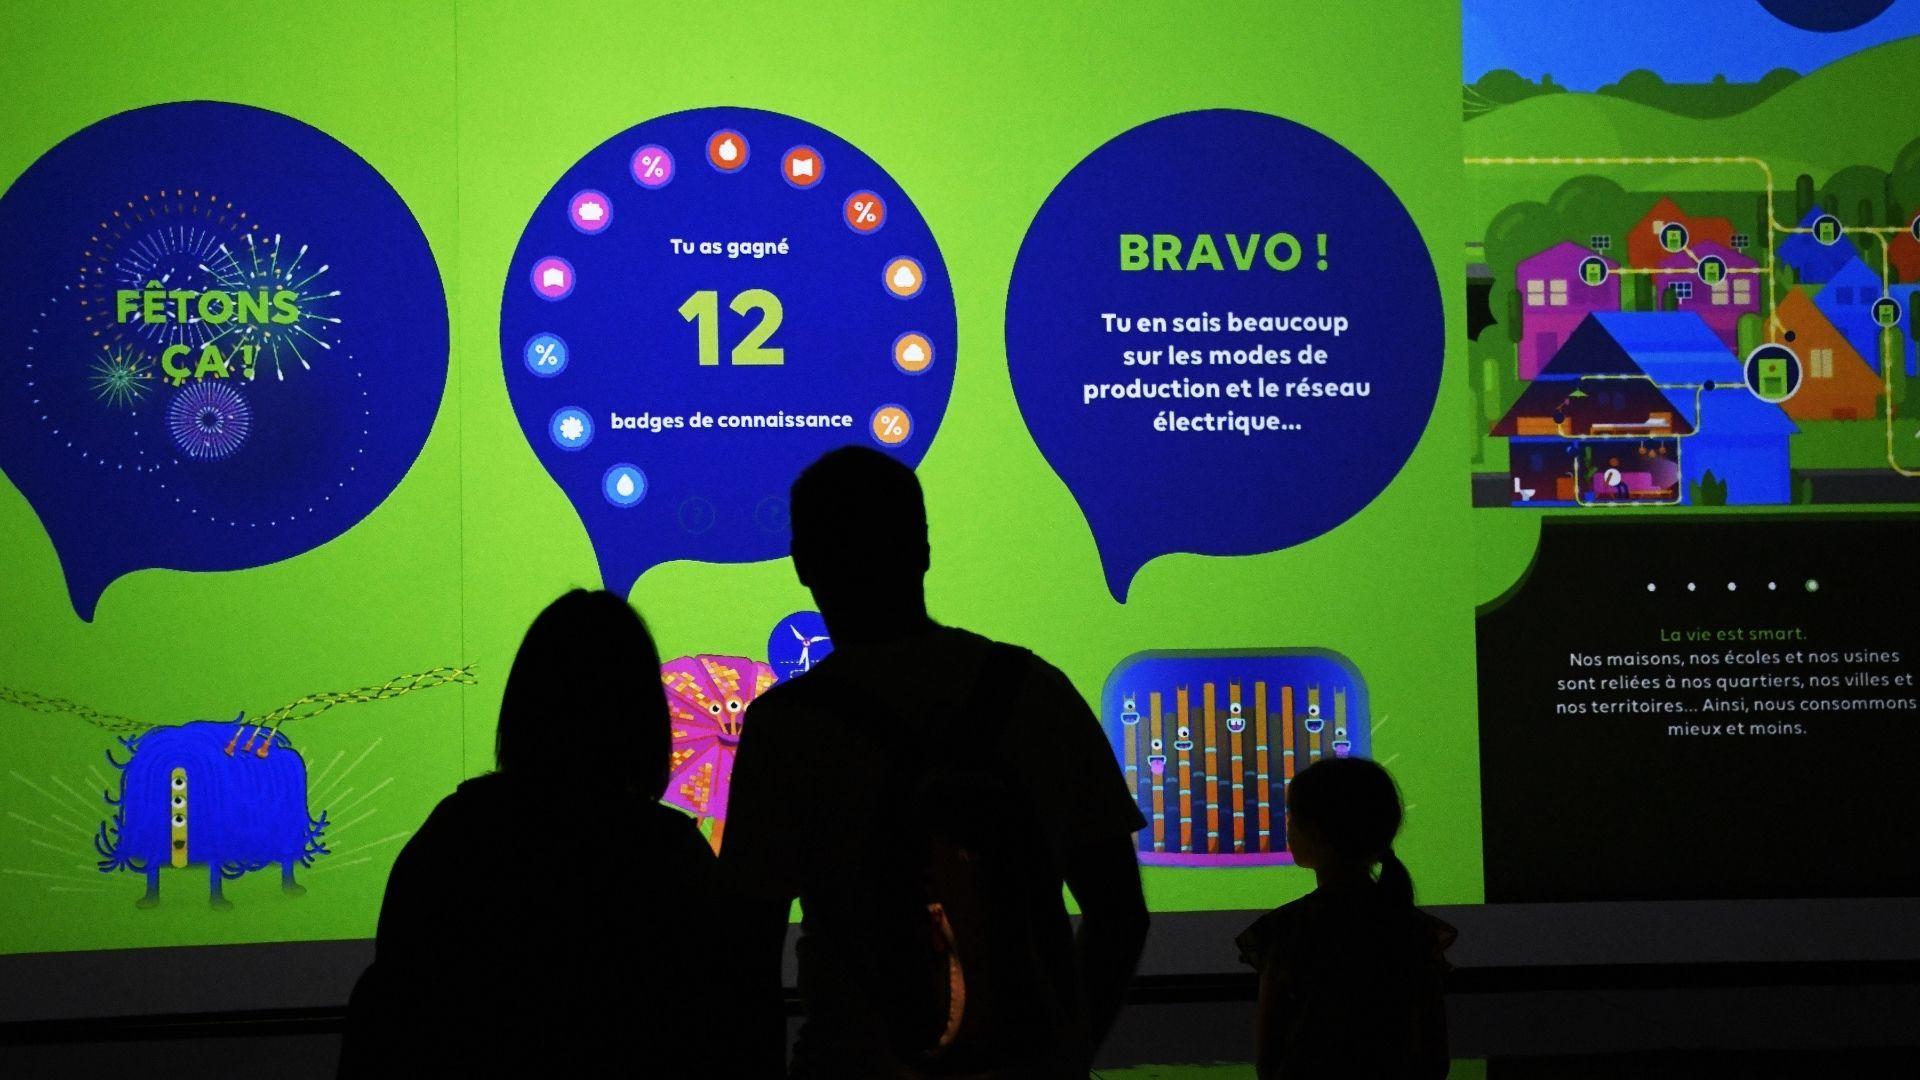 Du nouveau au musée Electropolis : une réflexion sur la transition énergétique